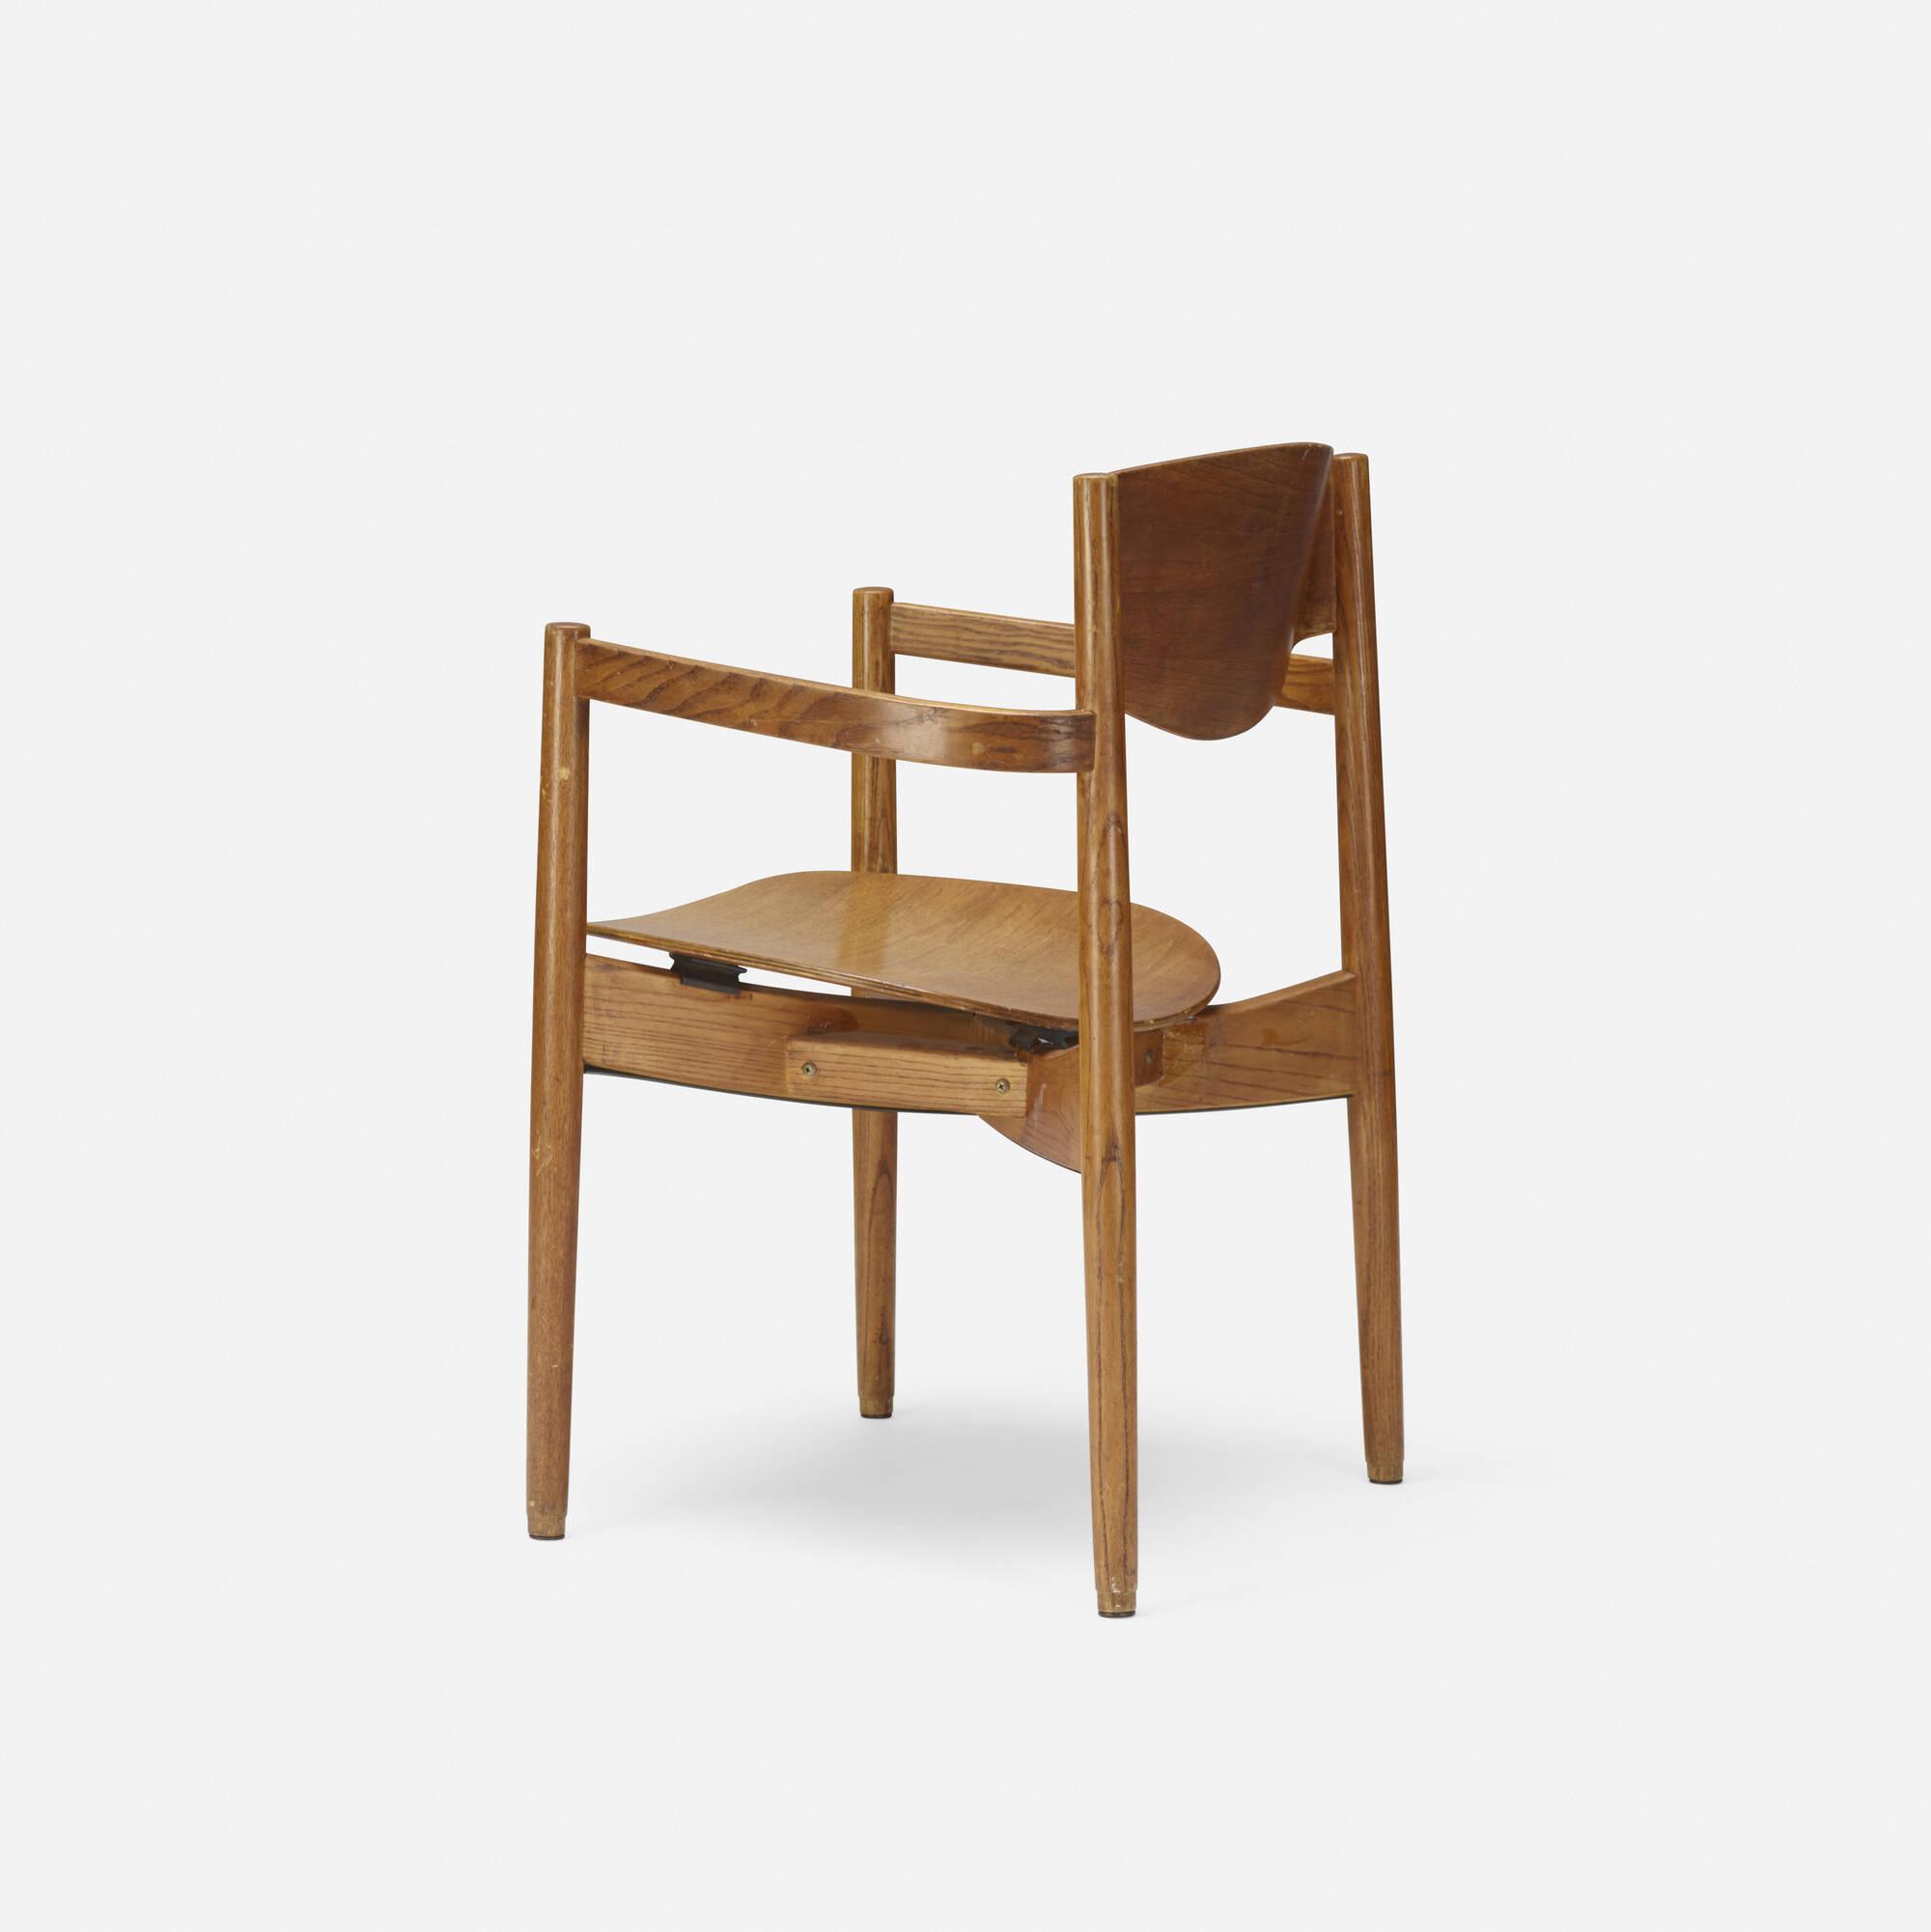 681: Jens Risom / armchair (2 of 4)